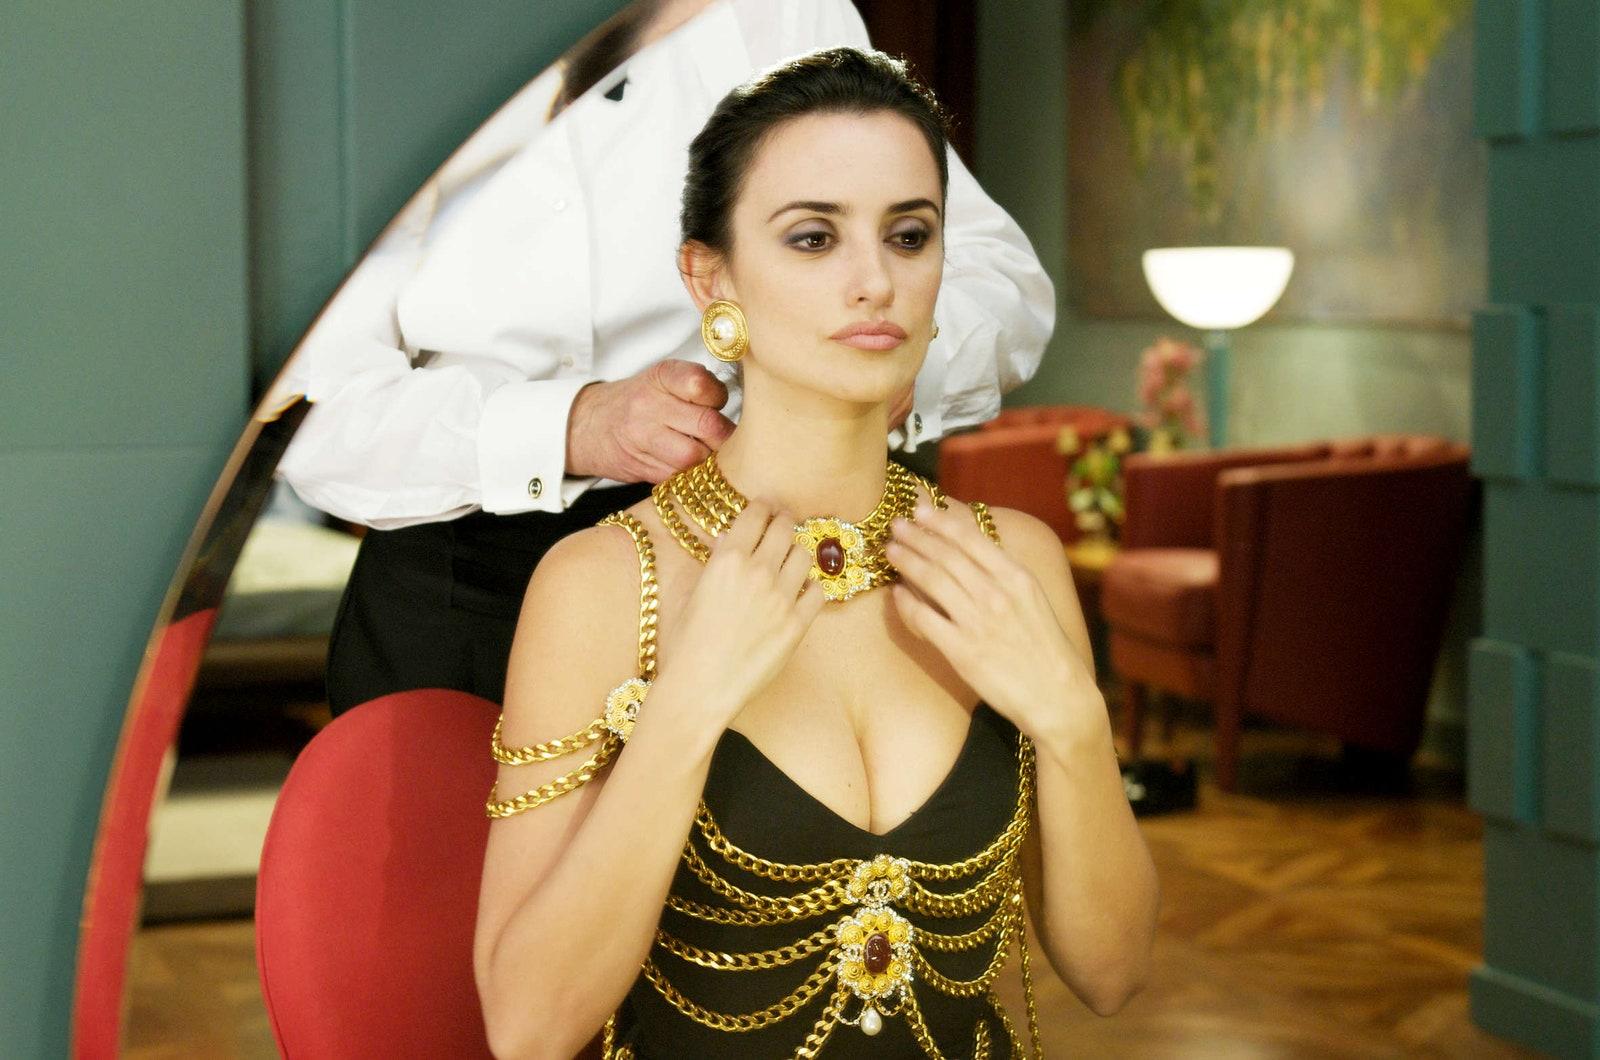 """Á hậu Kim Duyên khoe body cùng vòng 1 """"chặt chém"""" nhưng lại vướng ngay nghi án diện đầm nhái Chanel - Ảnh 3."""